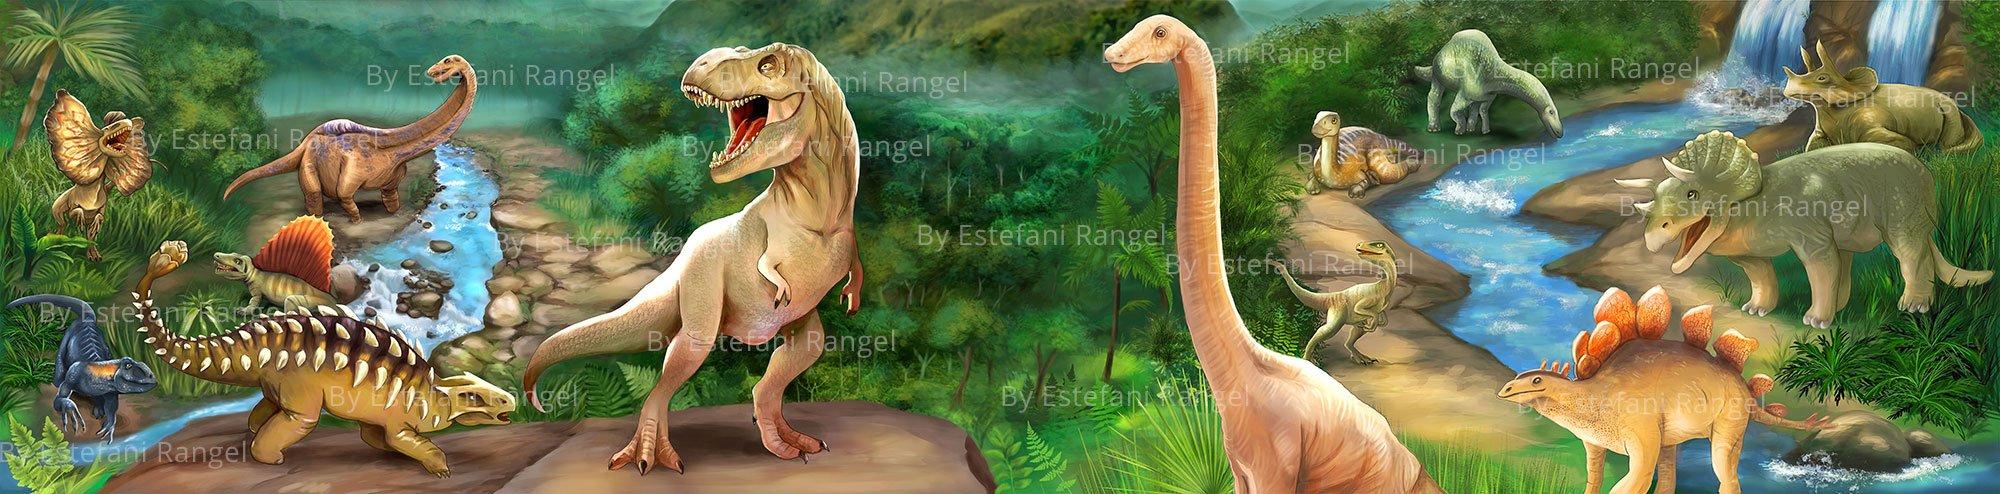 Dinosaur Illustration Body